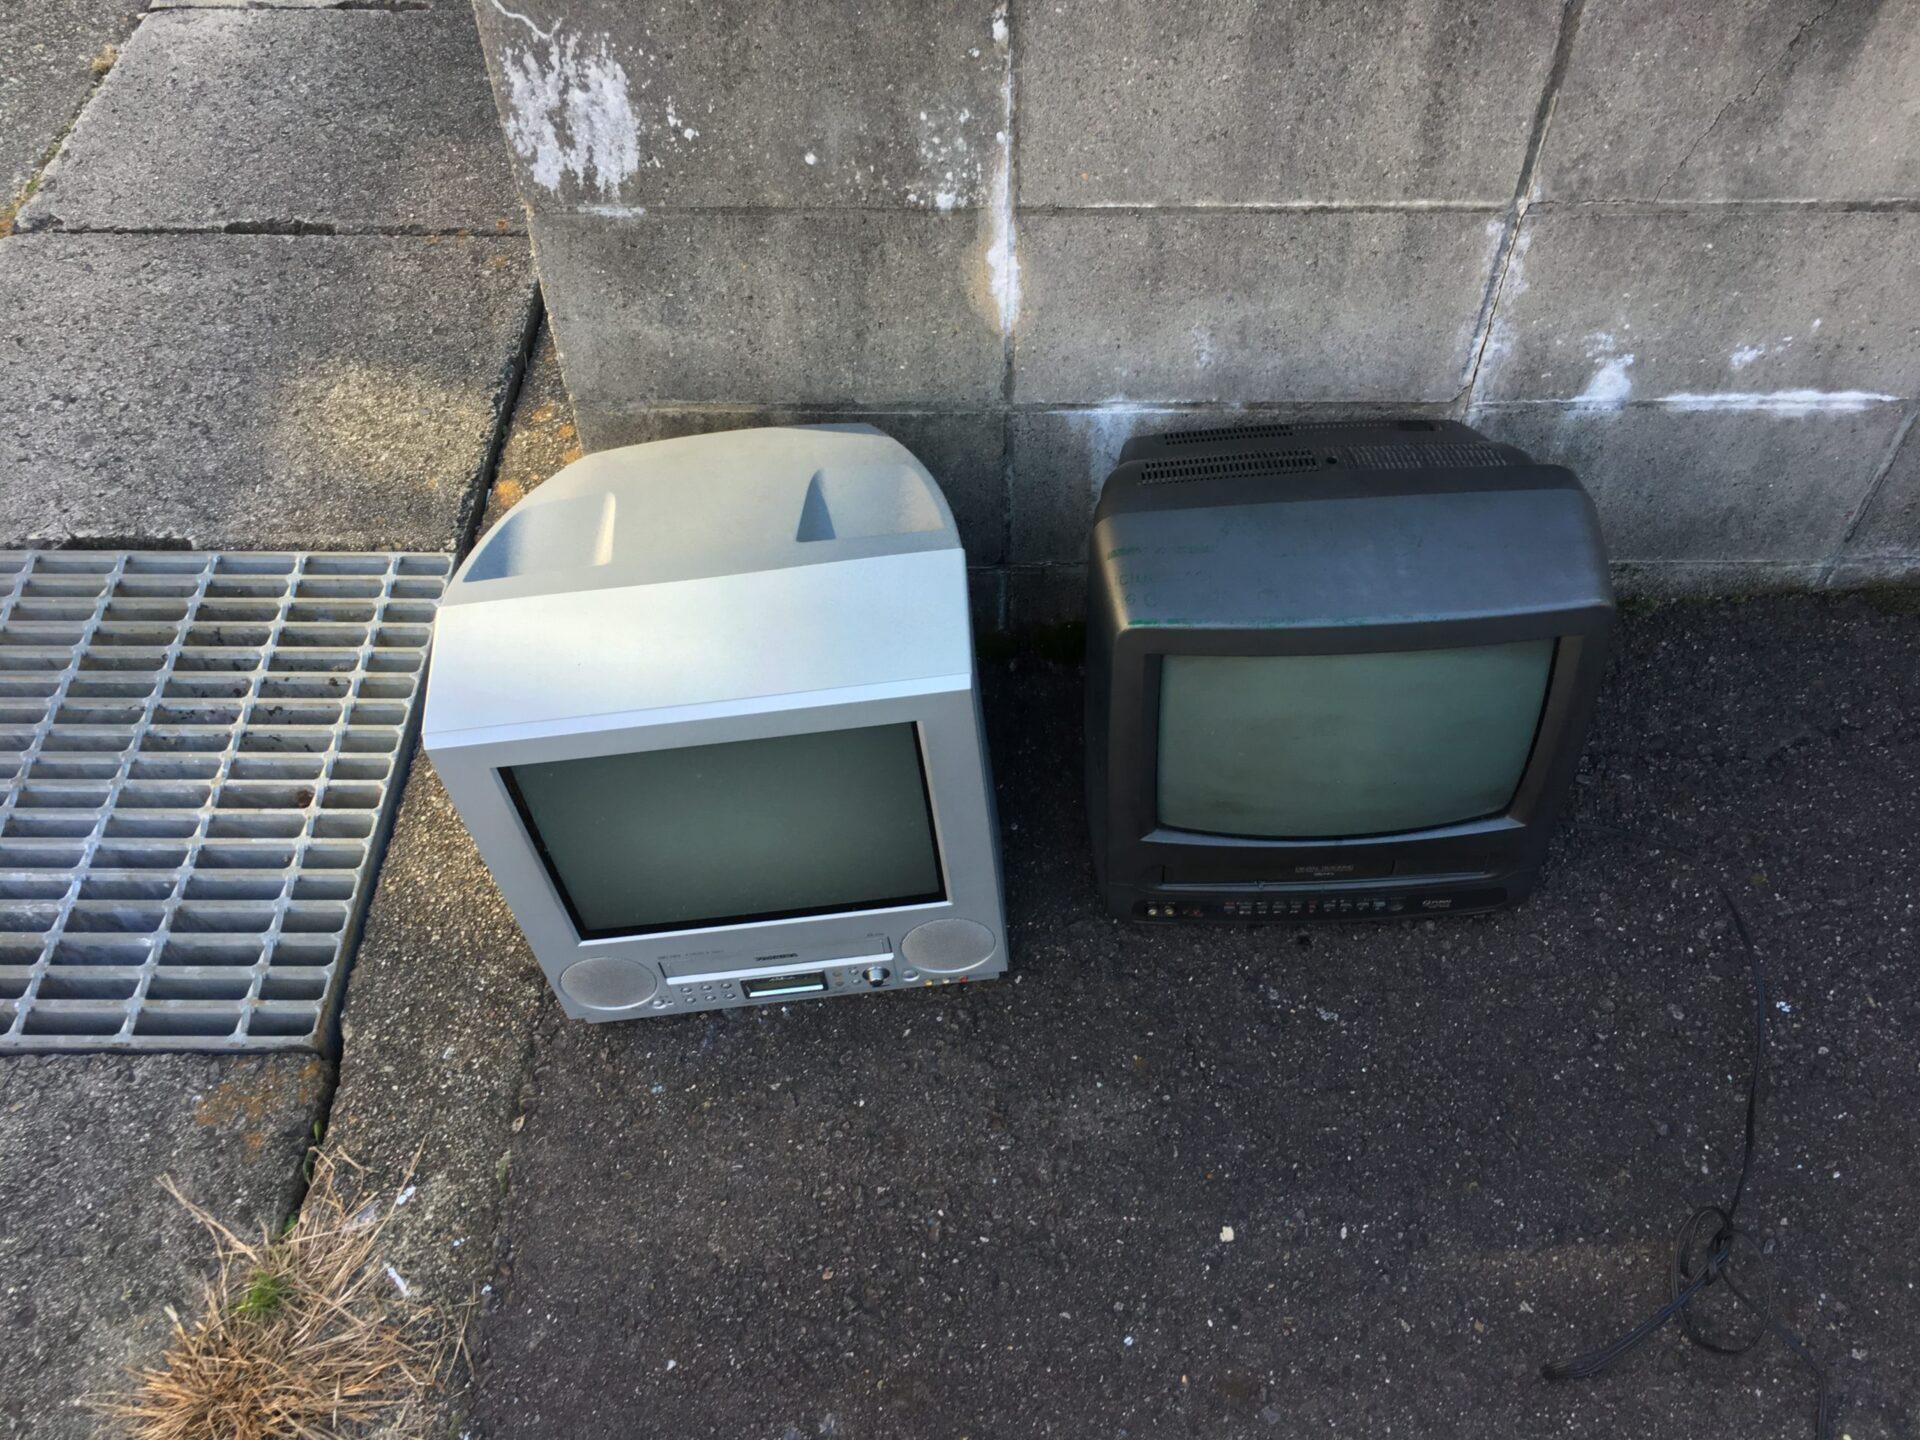 【愛知県名古屋市北区】ブラウン管テレビ2台の処分